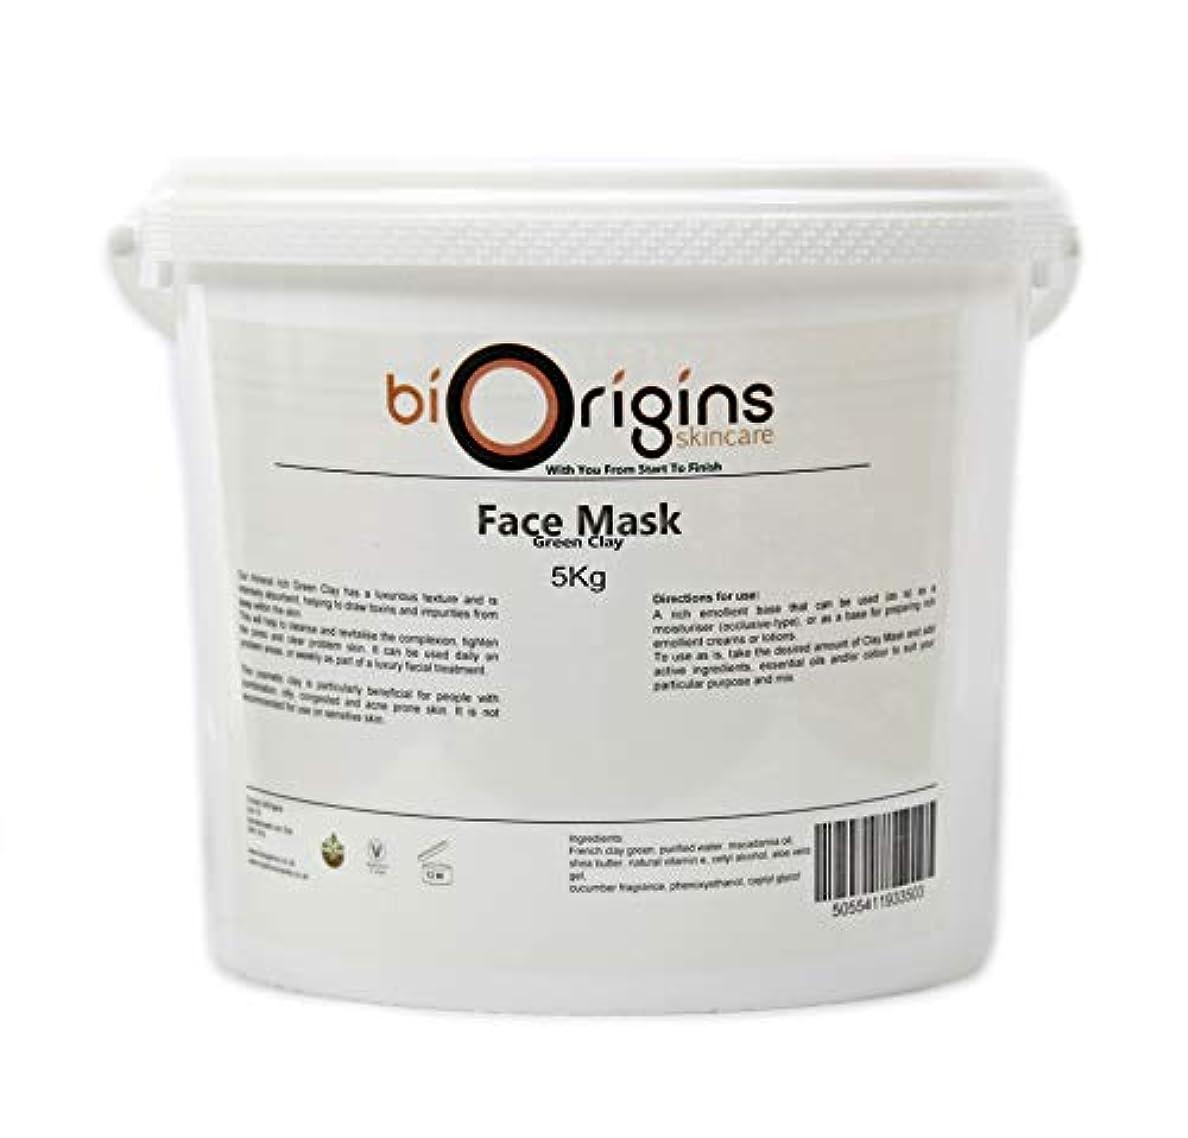 エイズ速度柔らかいFace Mask - Green Clay - Botanical Skincare Base - 5Kg